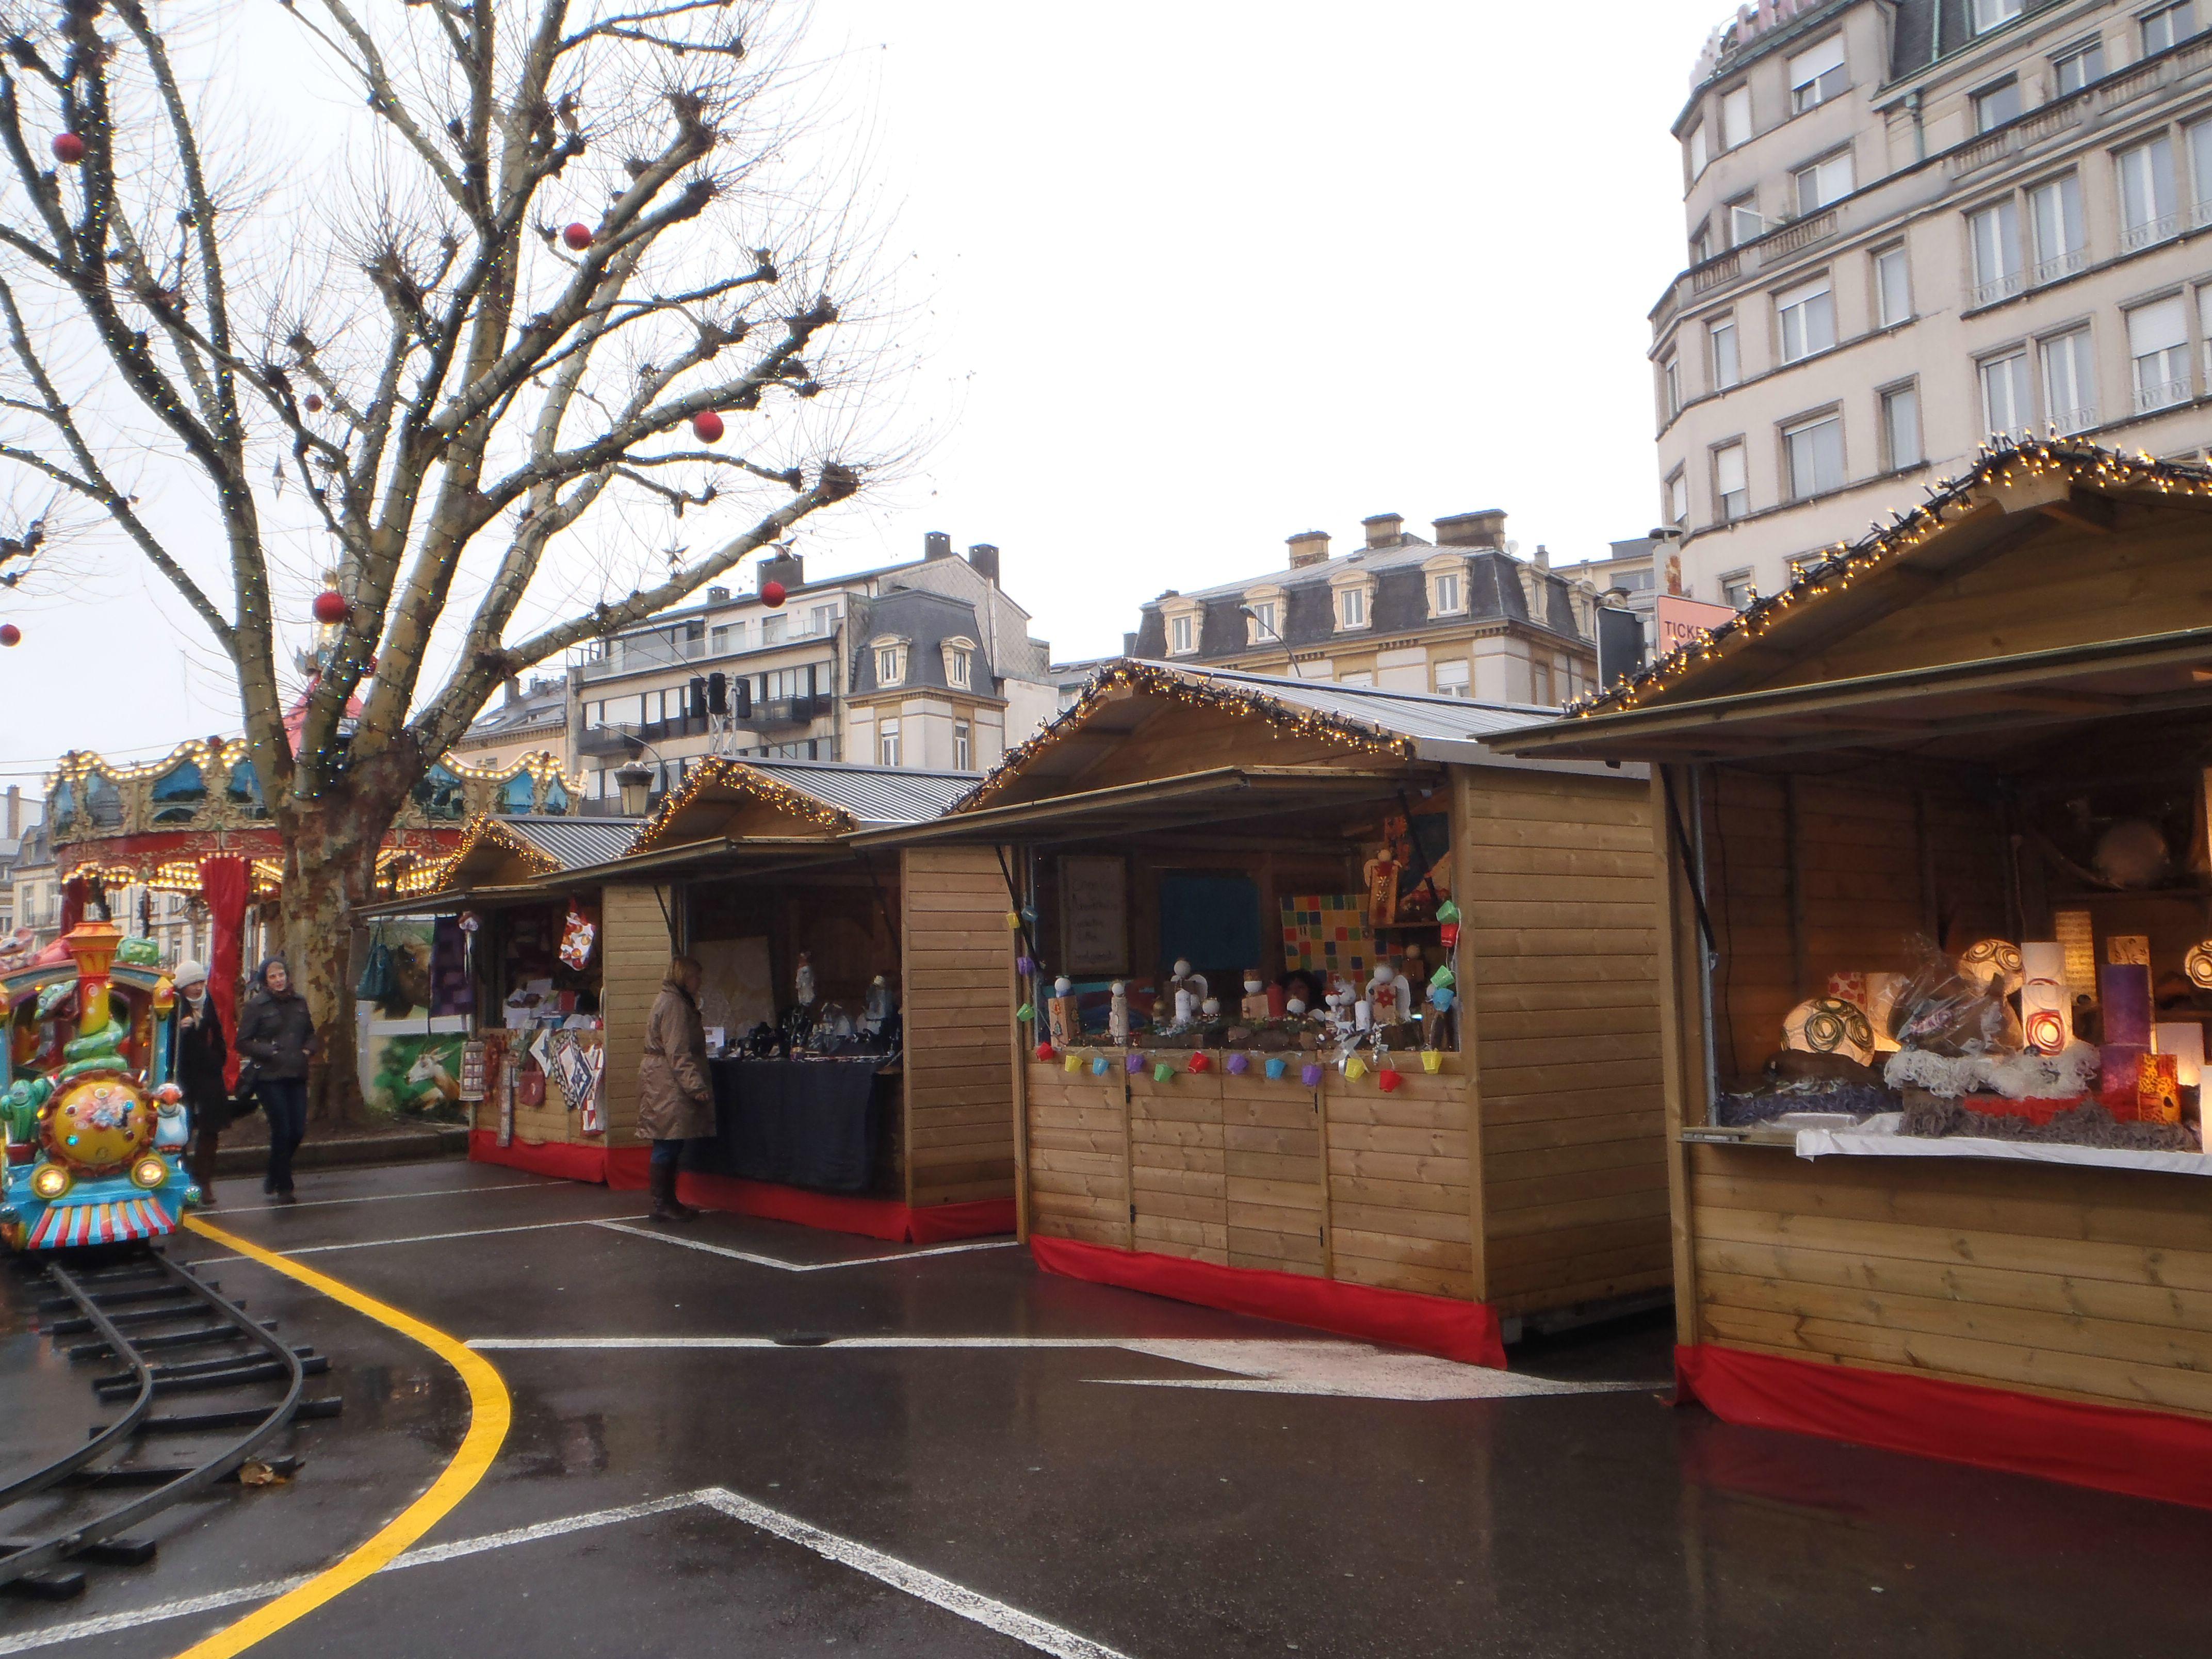 marché de noël place de la constitution luxemburgo